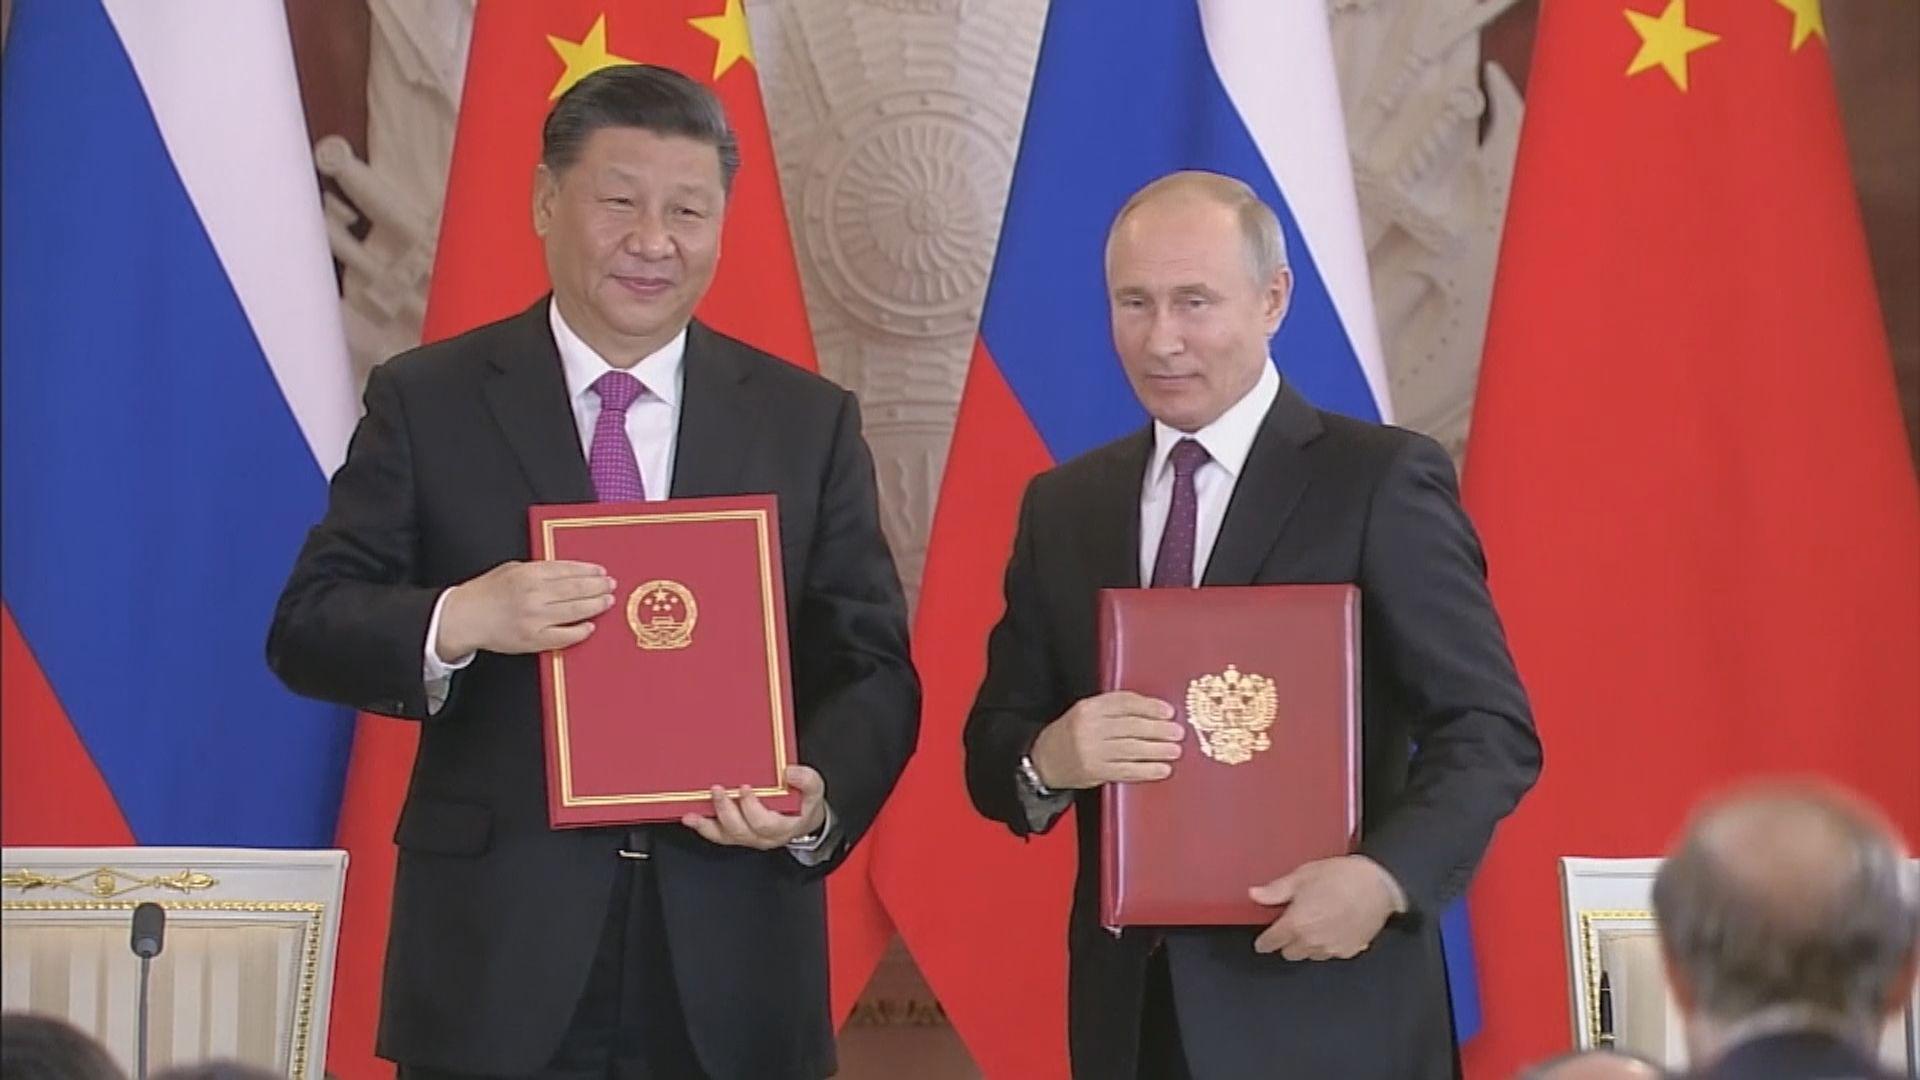 中俄同意提升至新時代全面戰略協作夥伴關係